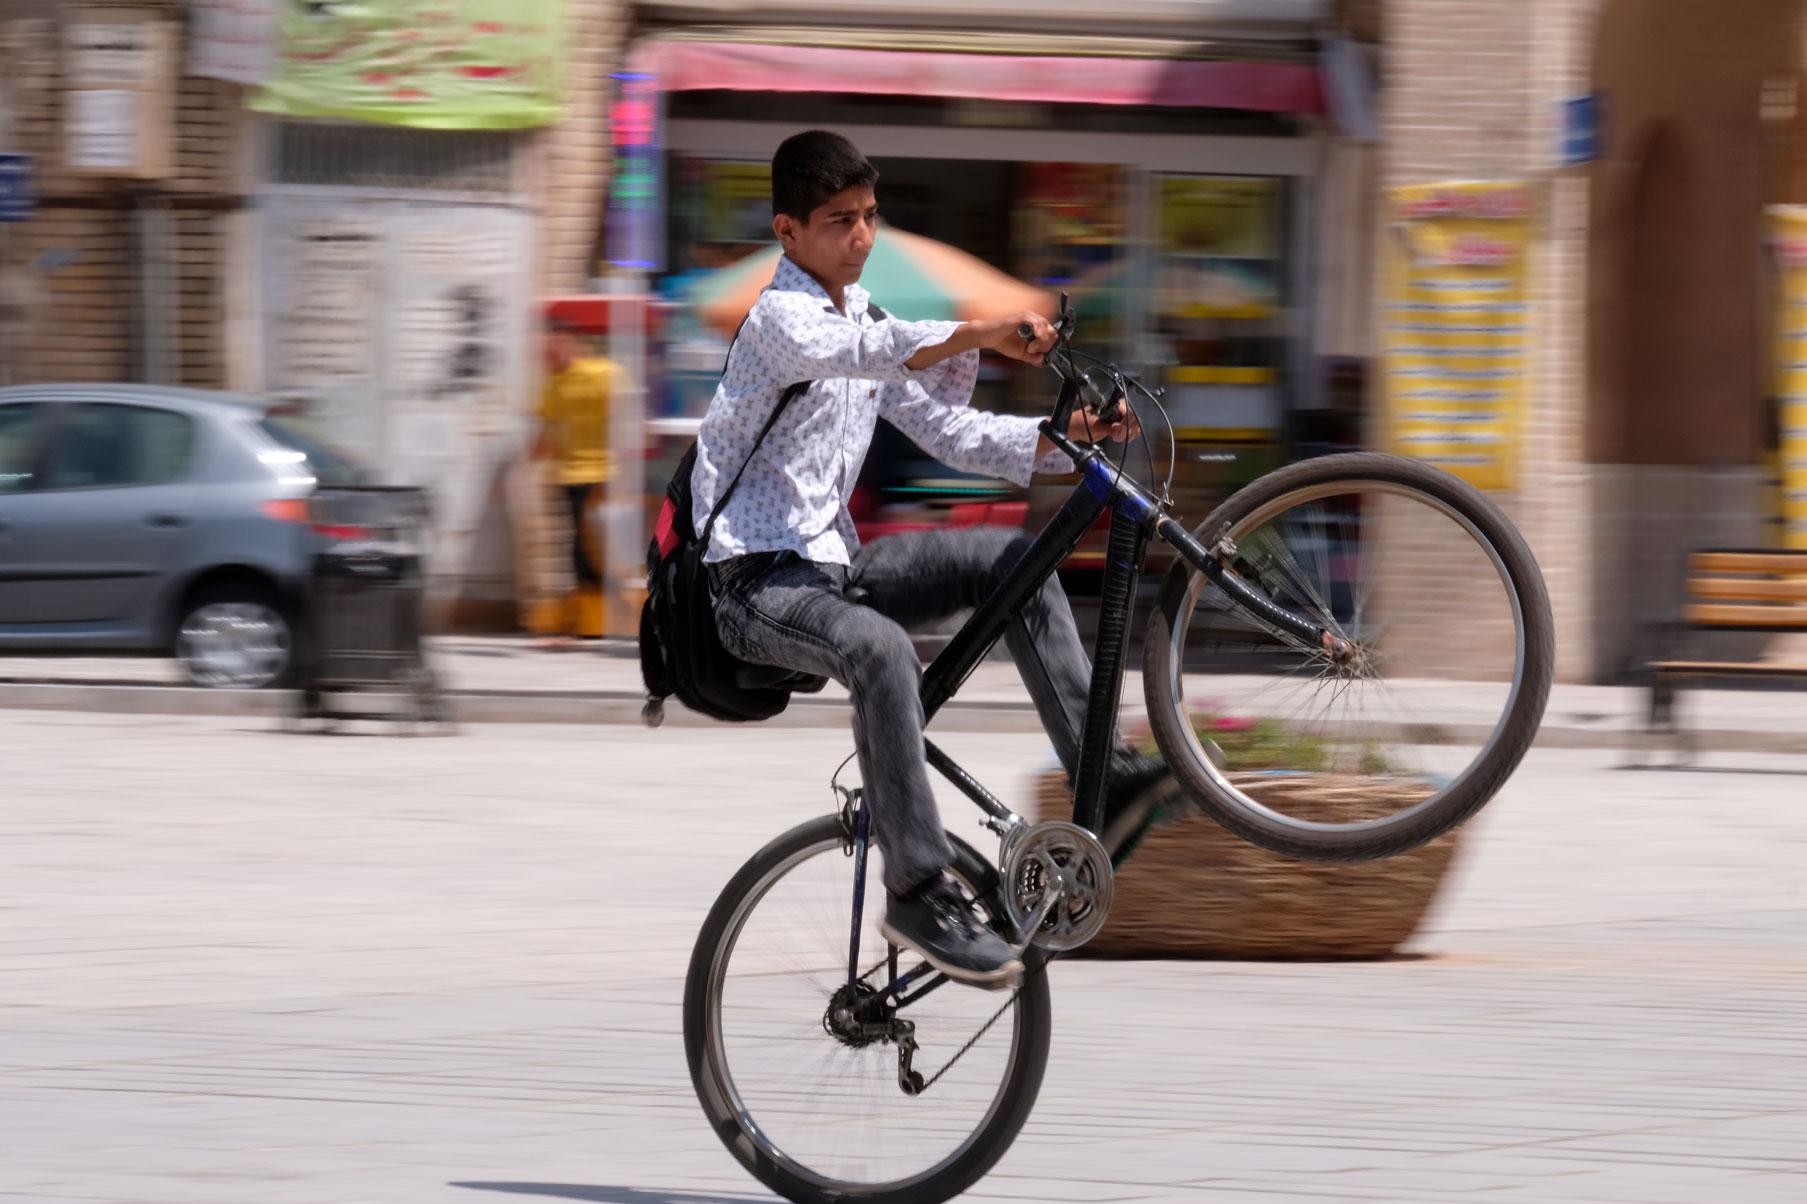 Davor zeigt ein Junge sein Können beim Wheely